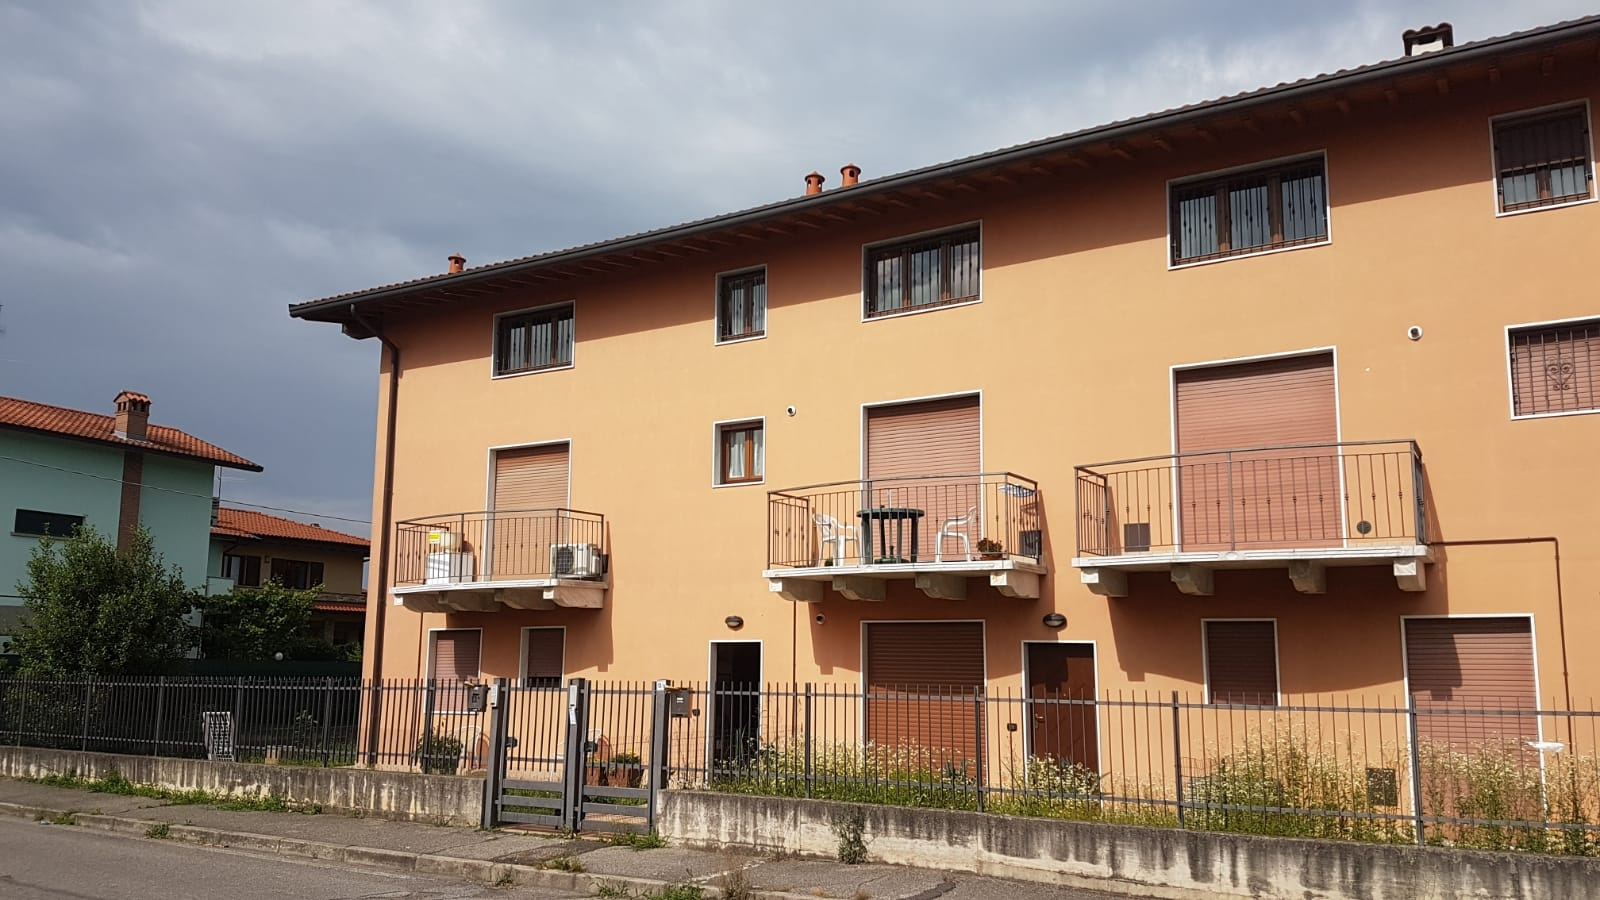 Appartamento in vendita a Zanica, 3 locali, prezzo € 58.000 | CambioCasa.it